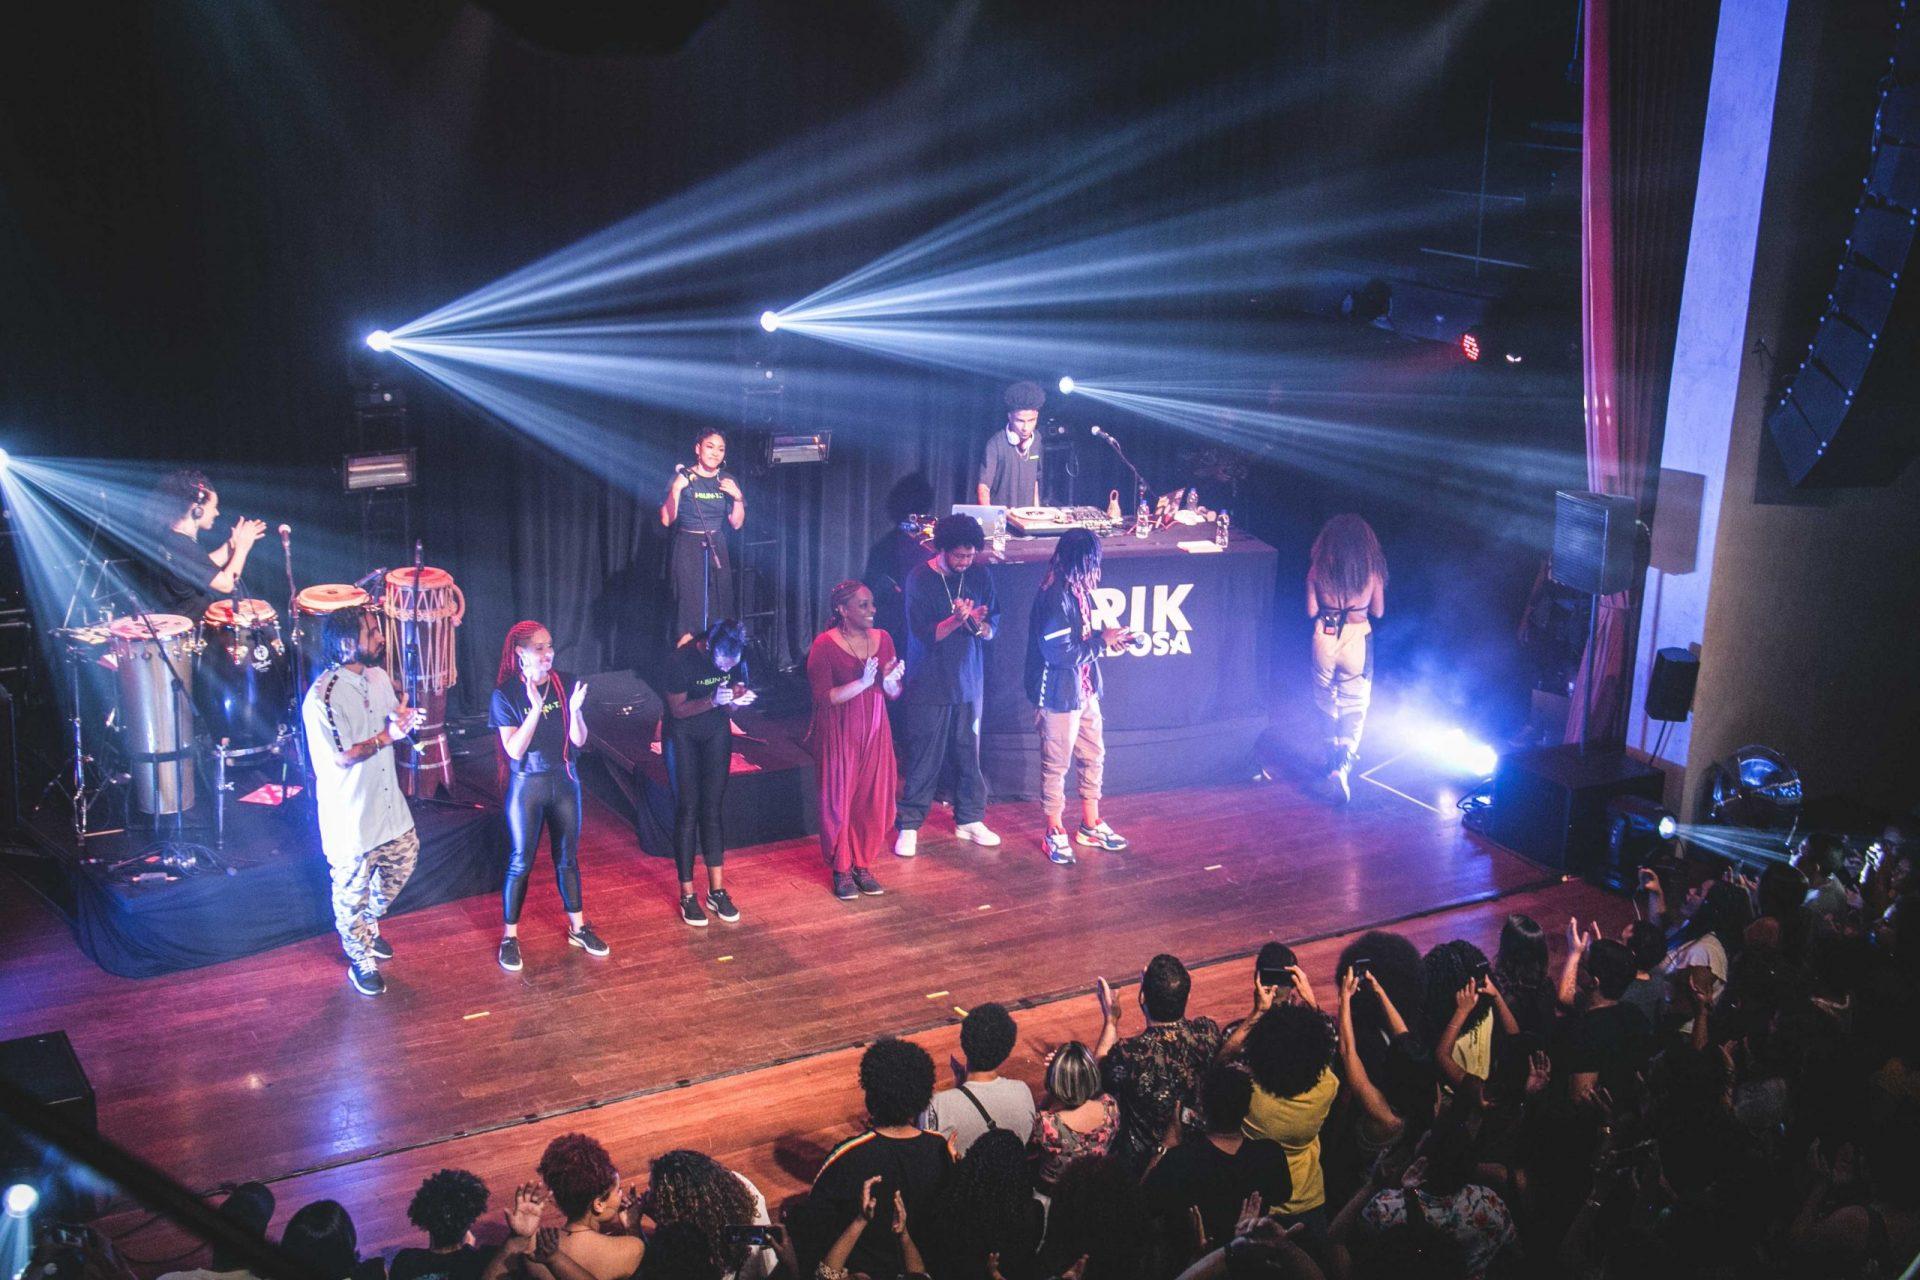 Imagem 15 do Evento Drik Barbosa & convidadxs